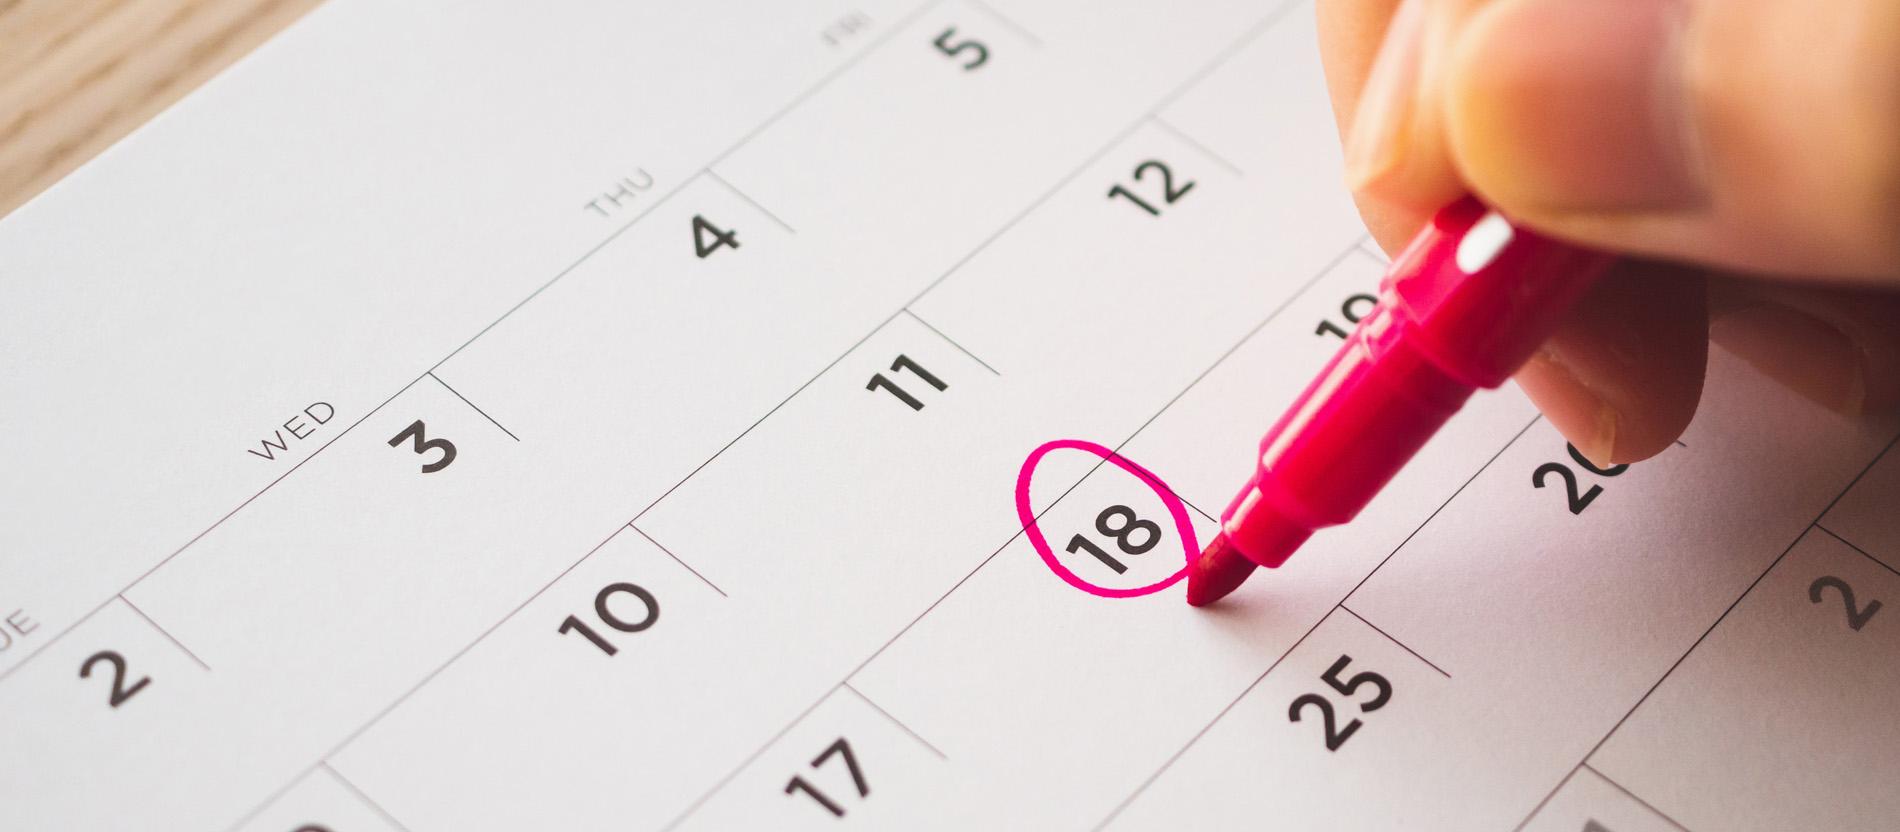 Der katholische Terminkalender